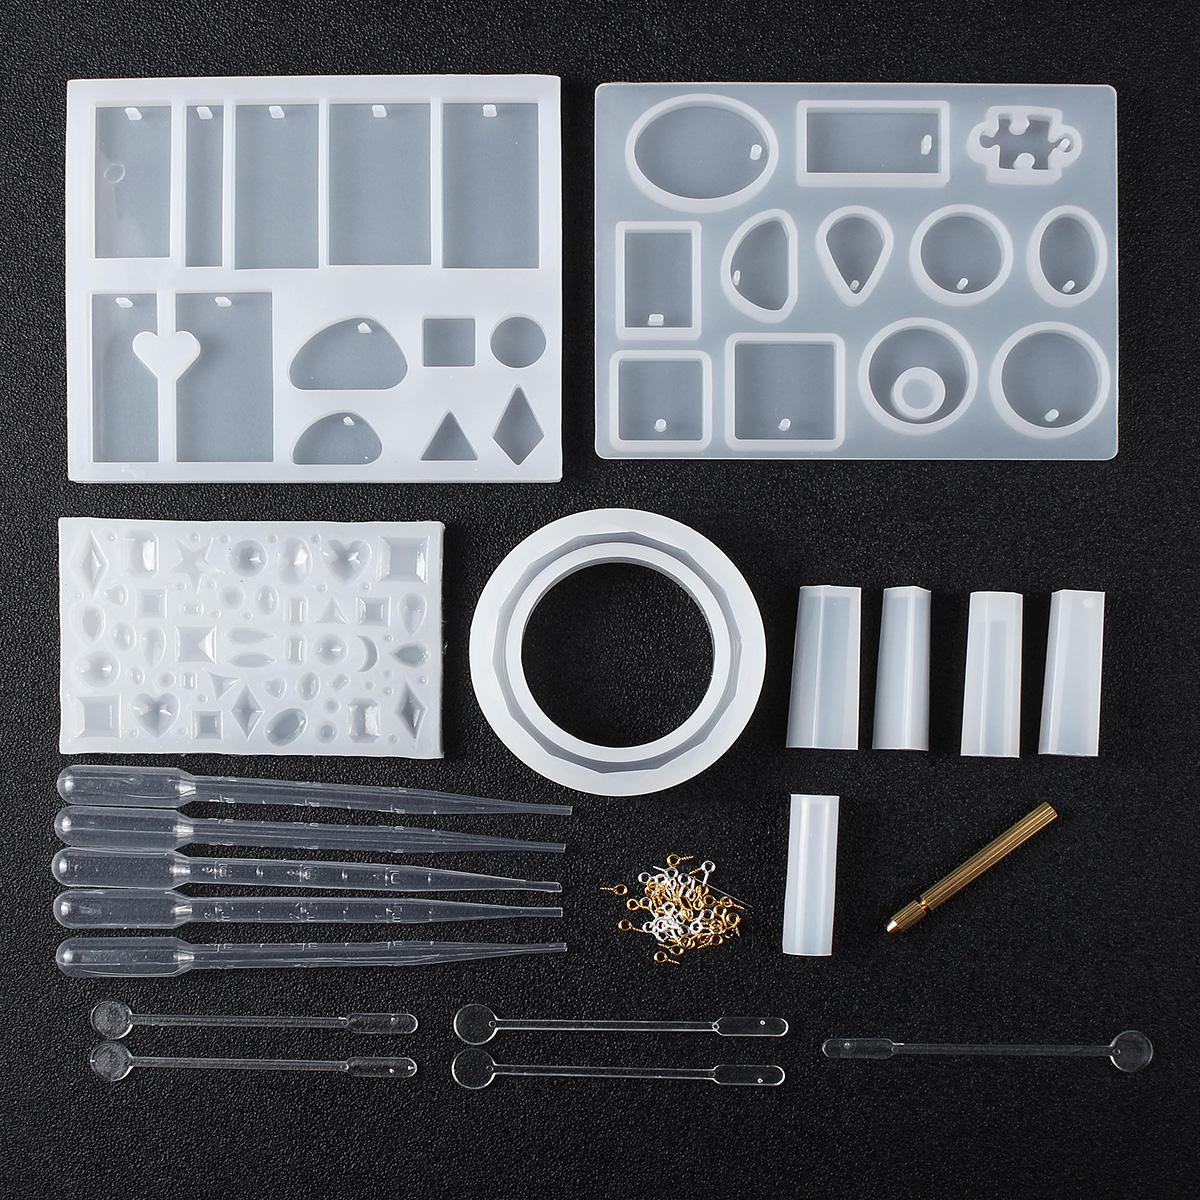 68 piezas DIY molde de fundición de resina geométrica Silicona artesanía haciendo moldes kit de moldes de joyería